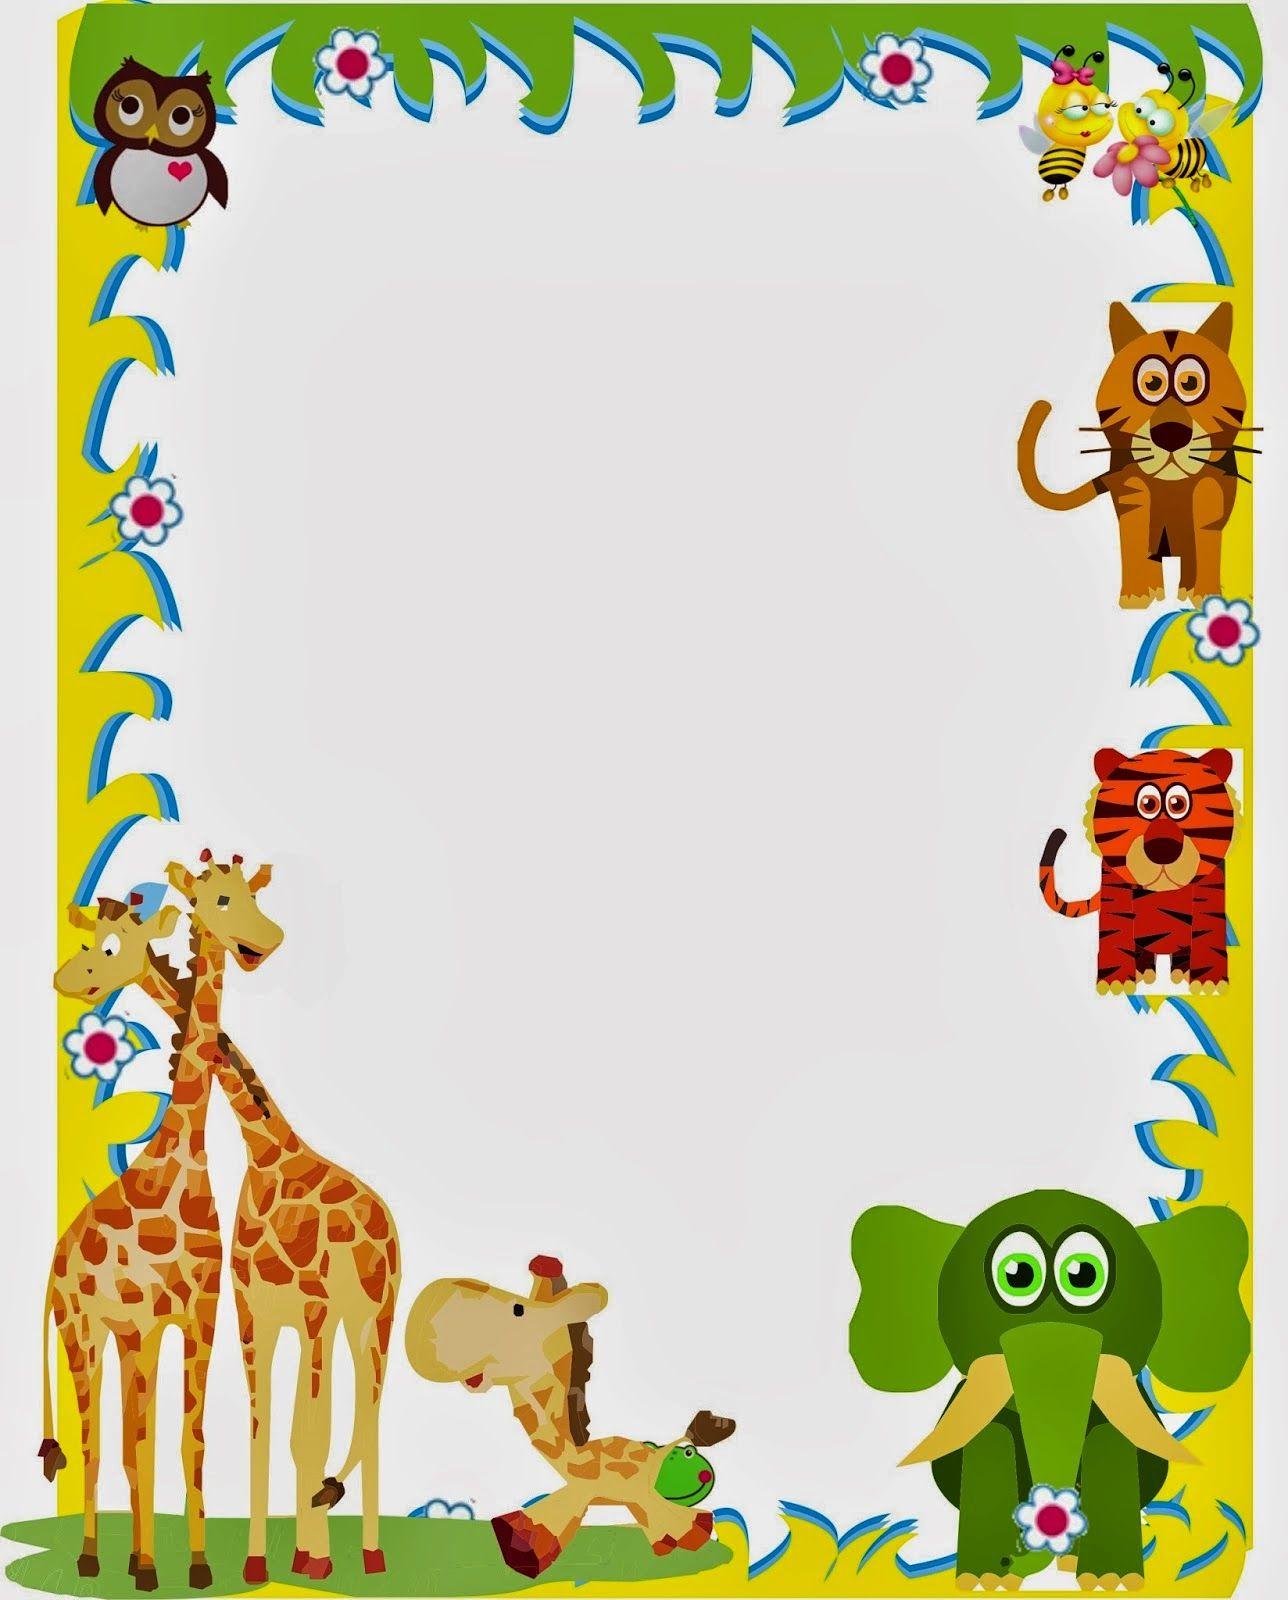 marcos para niños | MARCOS PARA FOTOS :) | Pinterest | Para niños ...